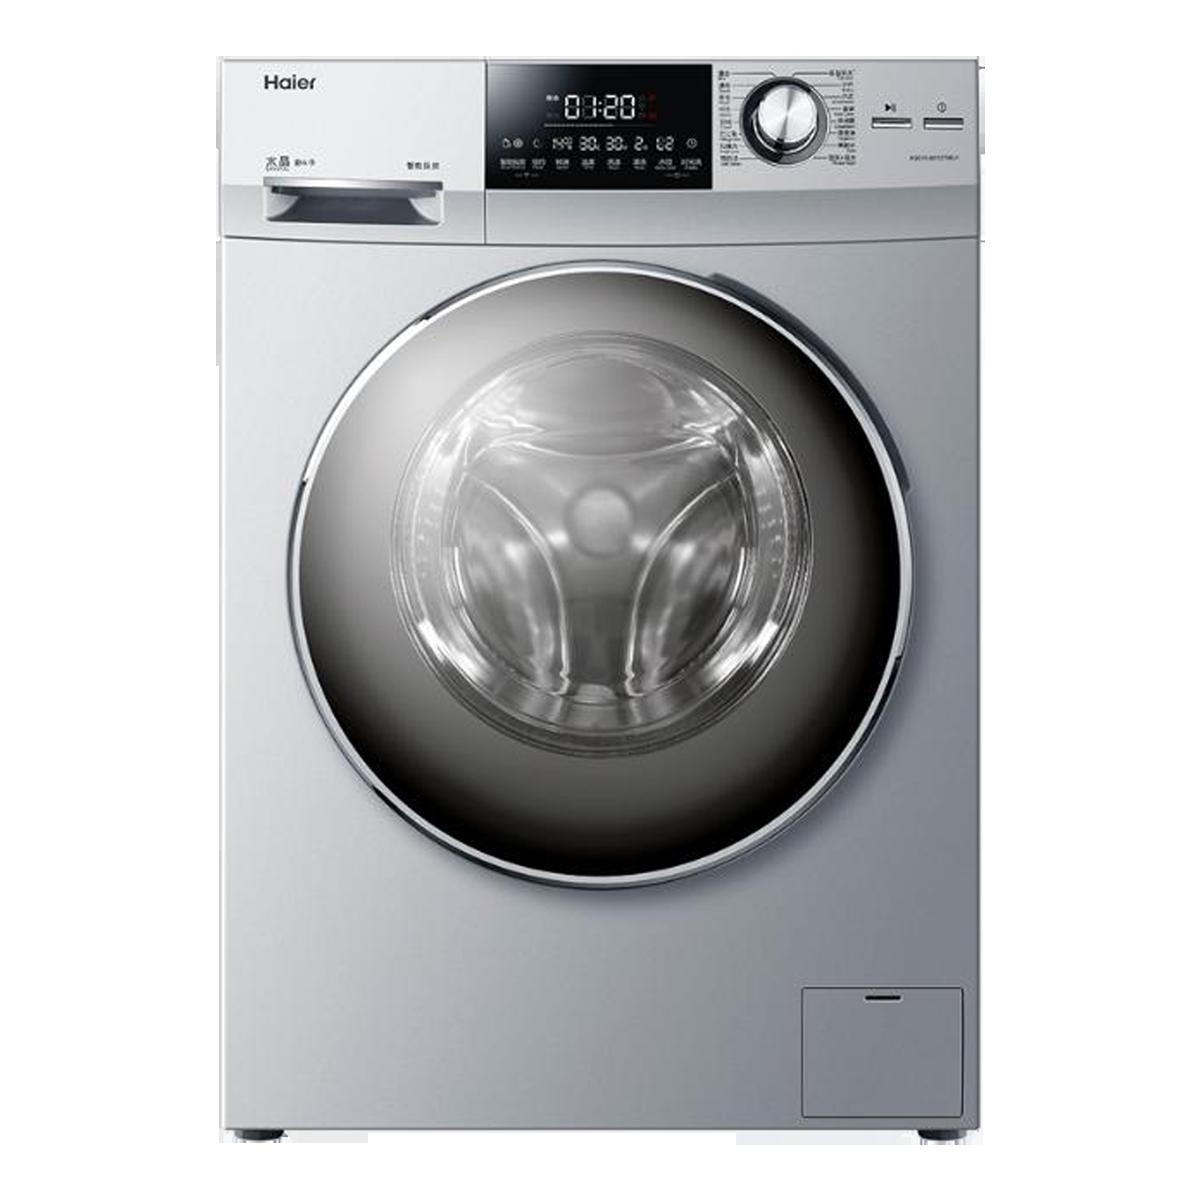 海尔Haier洗衣机 XQG70-BD12756U1 说明书